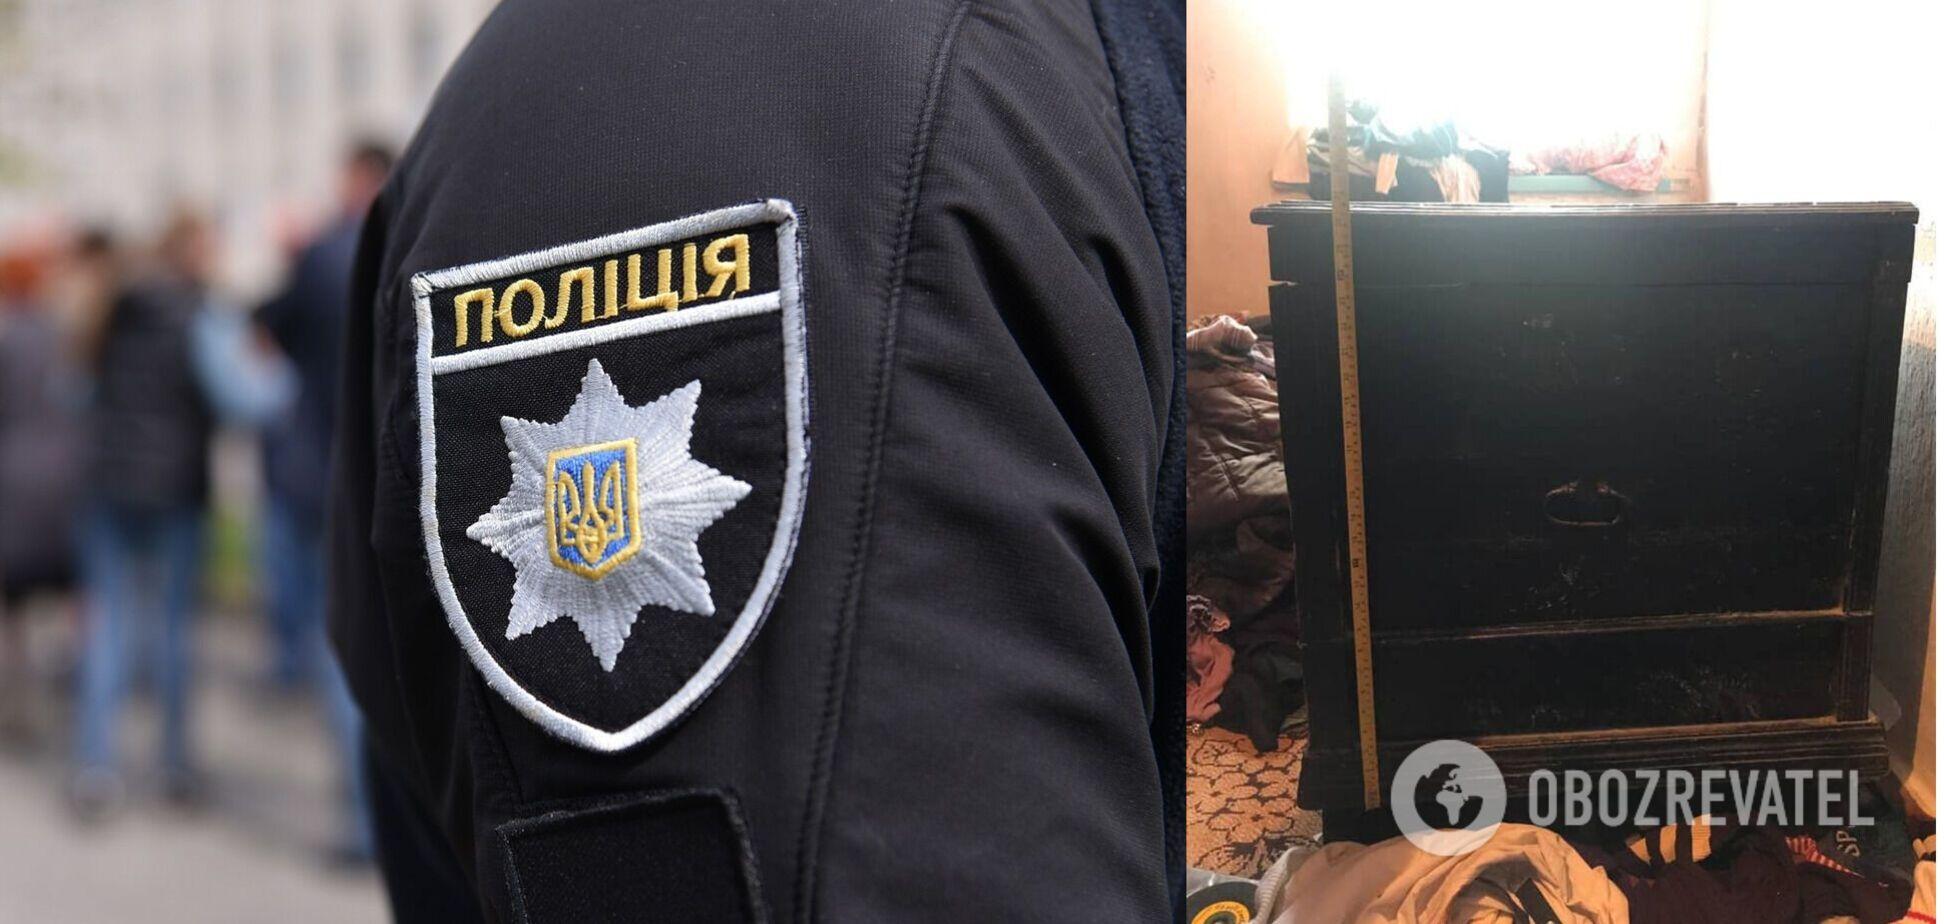 У Донецькій області трагічно загинули двоє дітей: їх знайшли мертвими в скрині